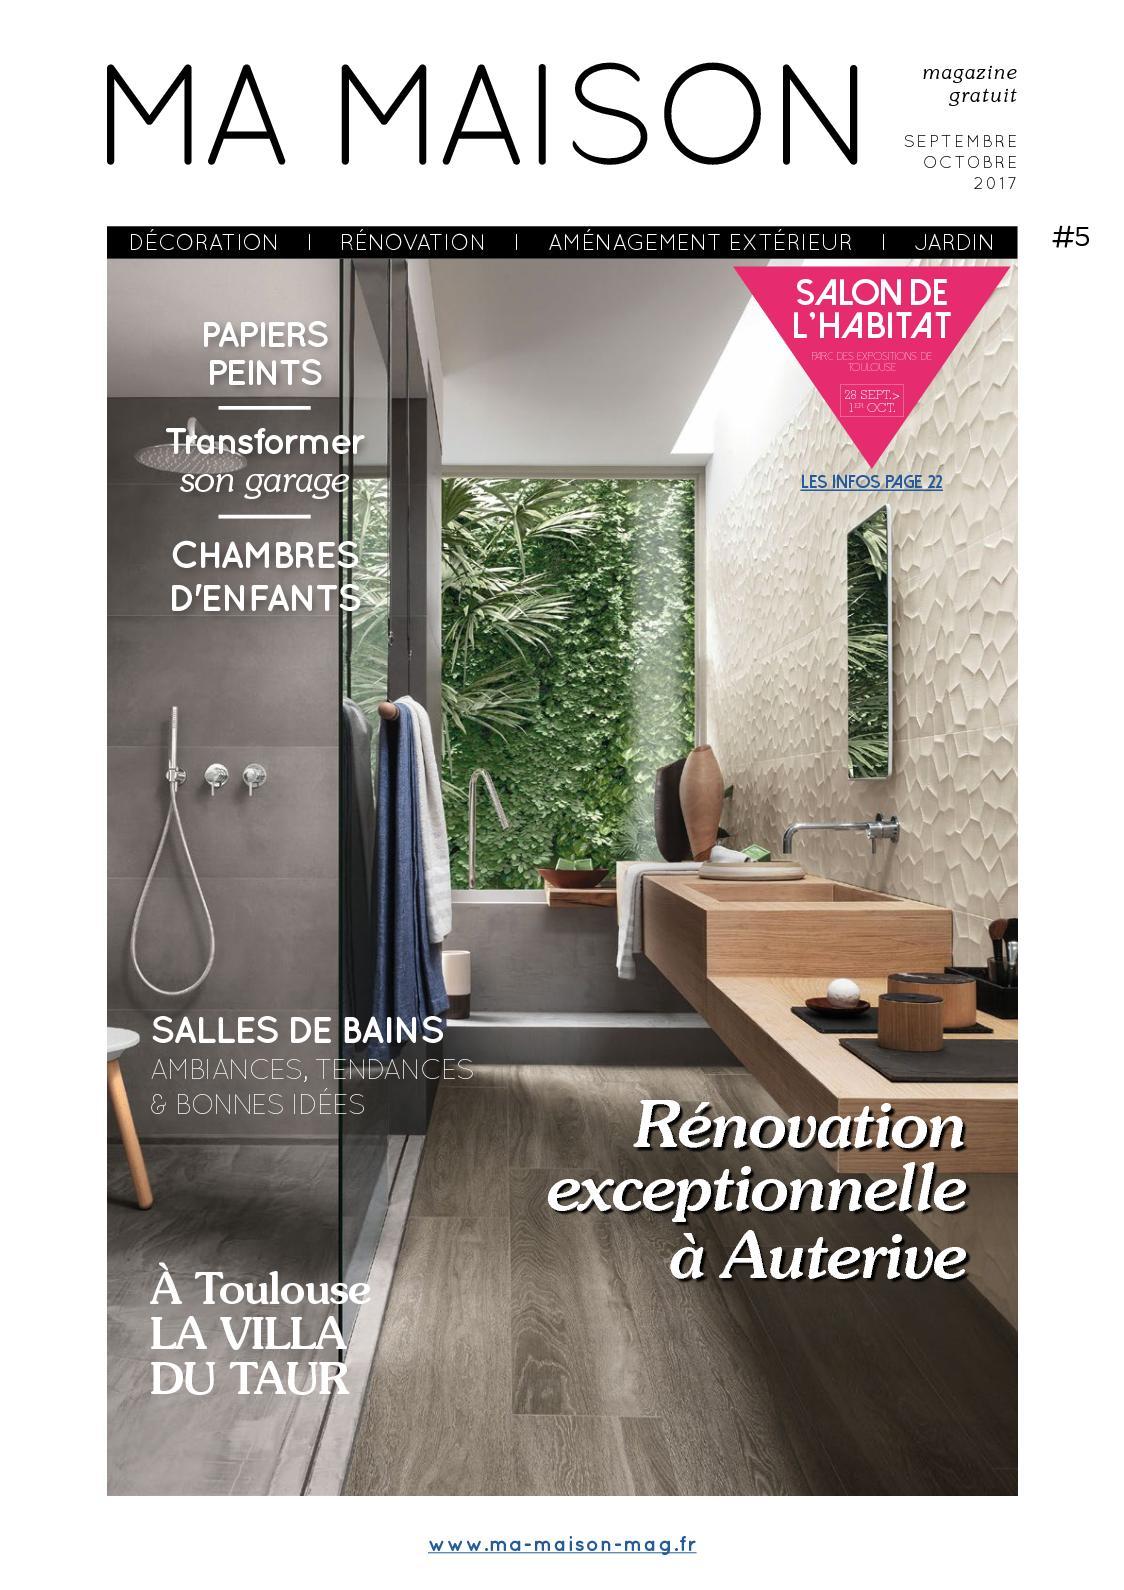 La Maison Du Carrelage Et Sanitaire Balma calaméo - ma maison magazine gratuit numero 5